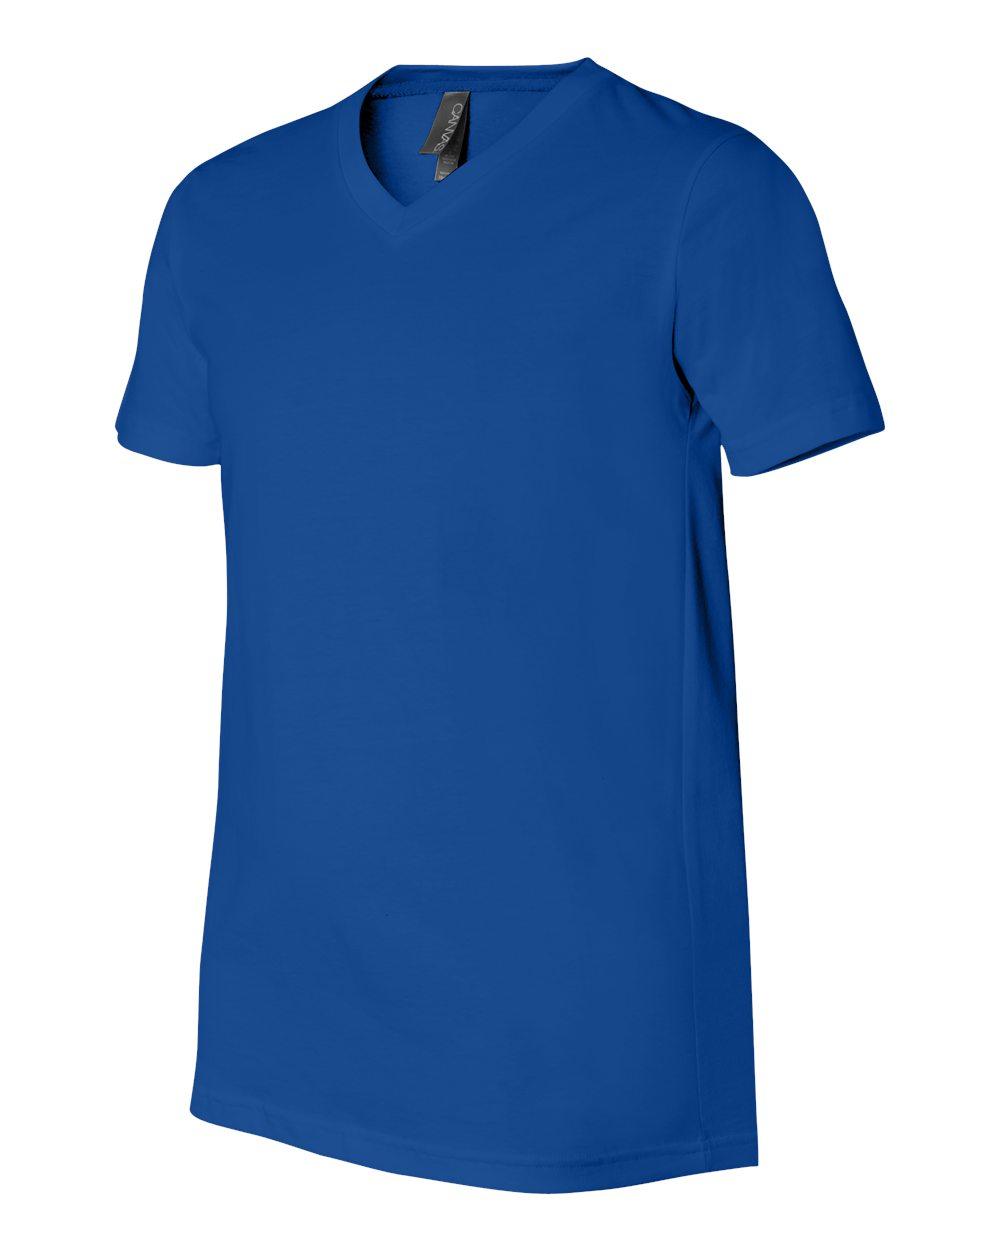 Bella-Canvas-Men-039-s-Jersey-Short-Sleeve-V-Neck-T-Shirt-3005-XS-3XL thumbnail 100